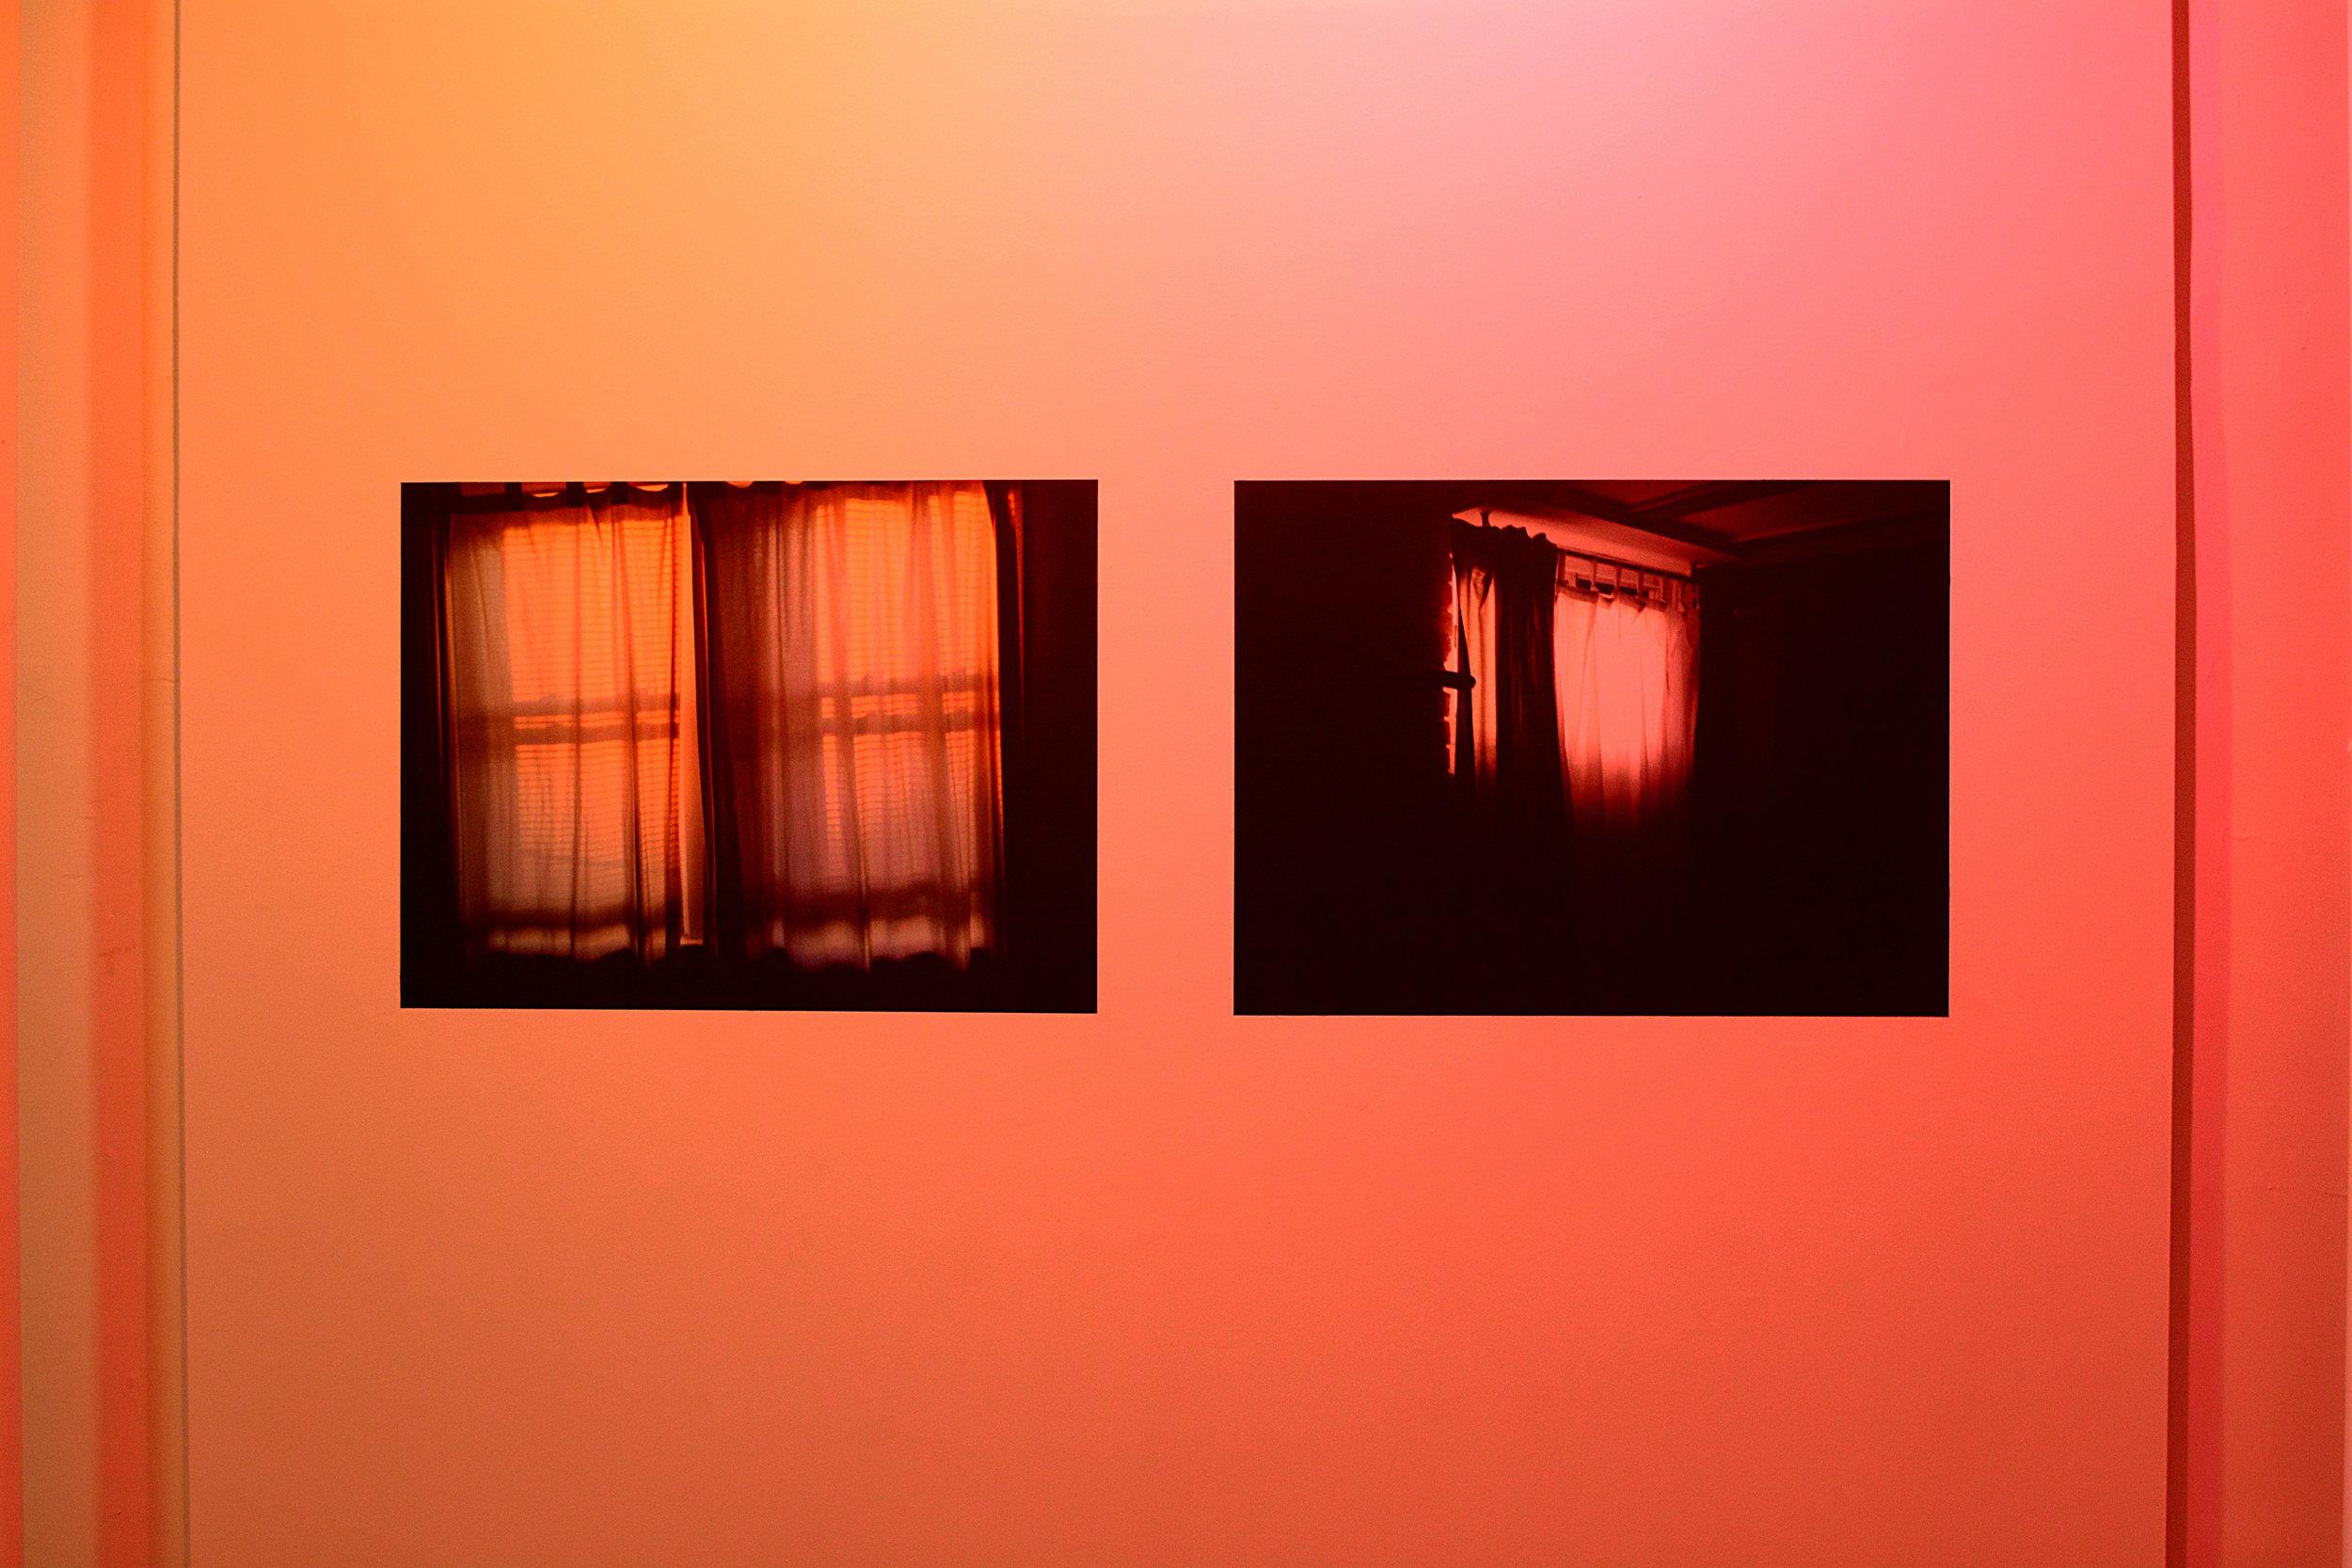 05 Set Together_interior sunset details_Artscape Youngplace_webedit.jpg